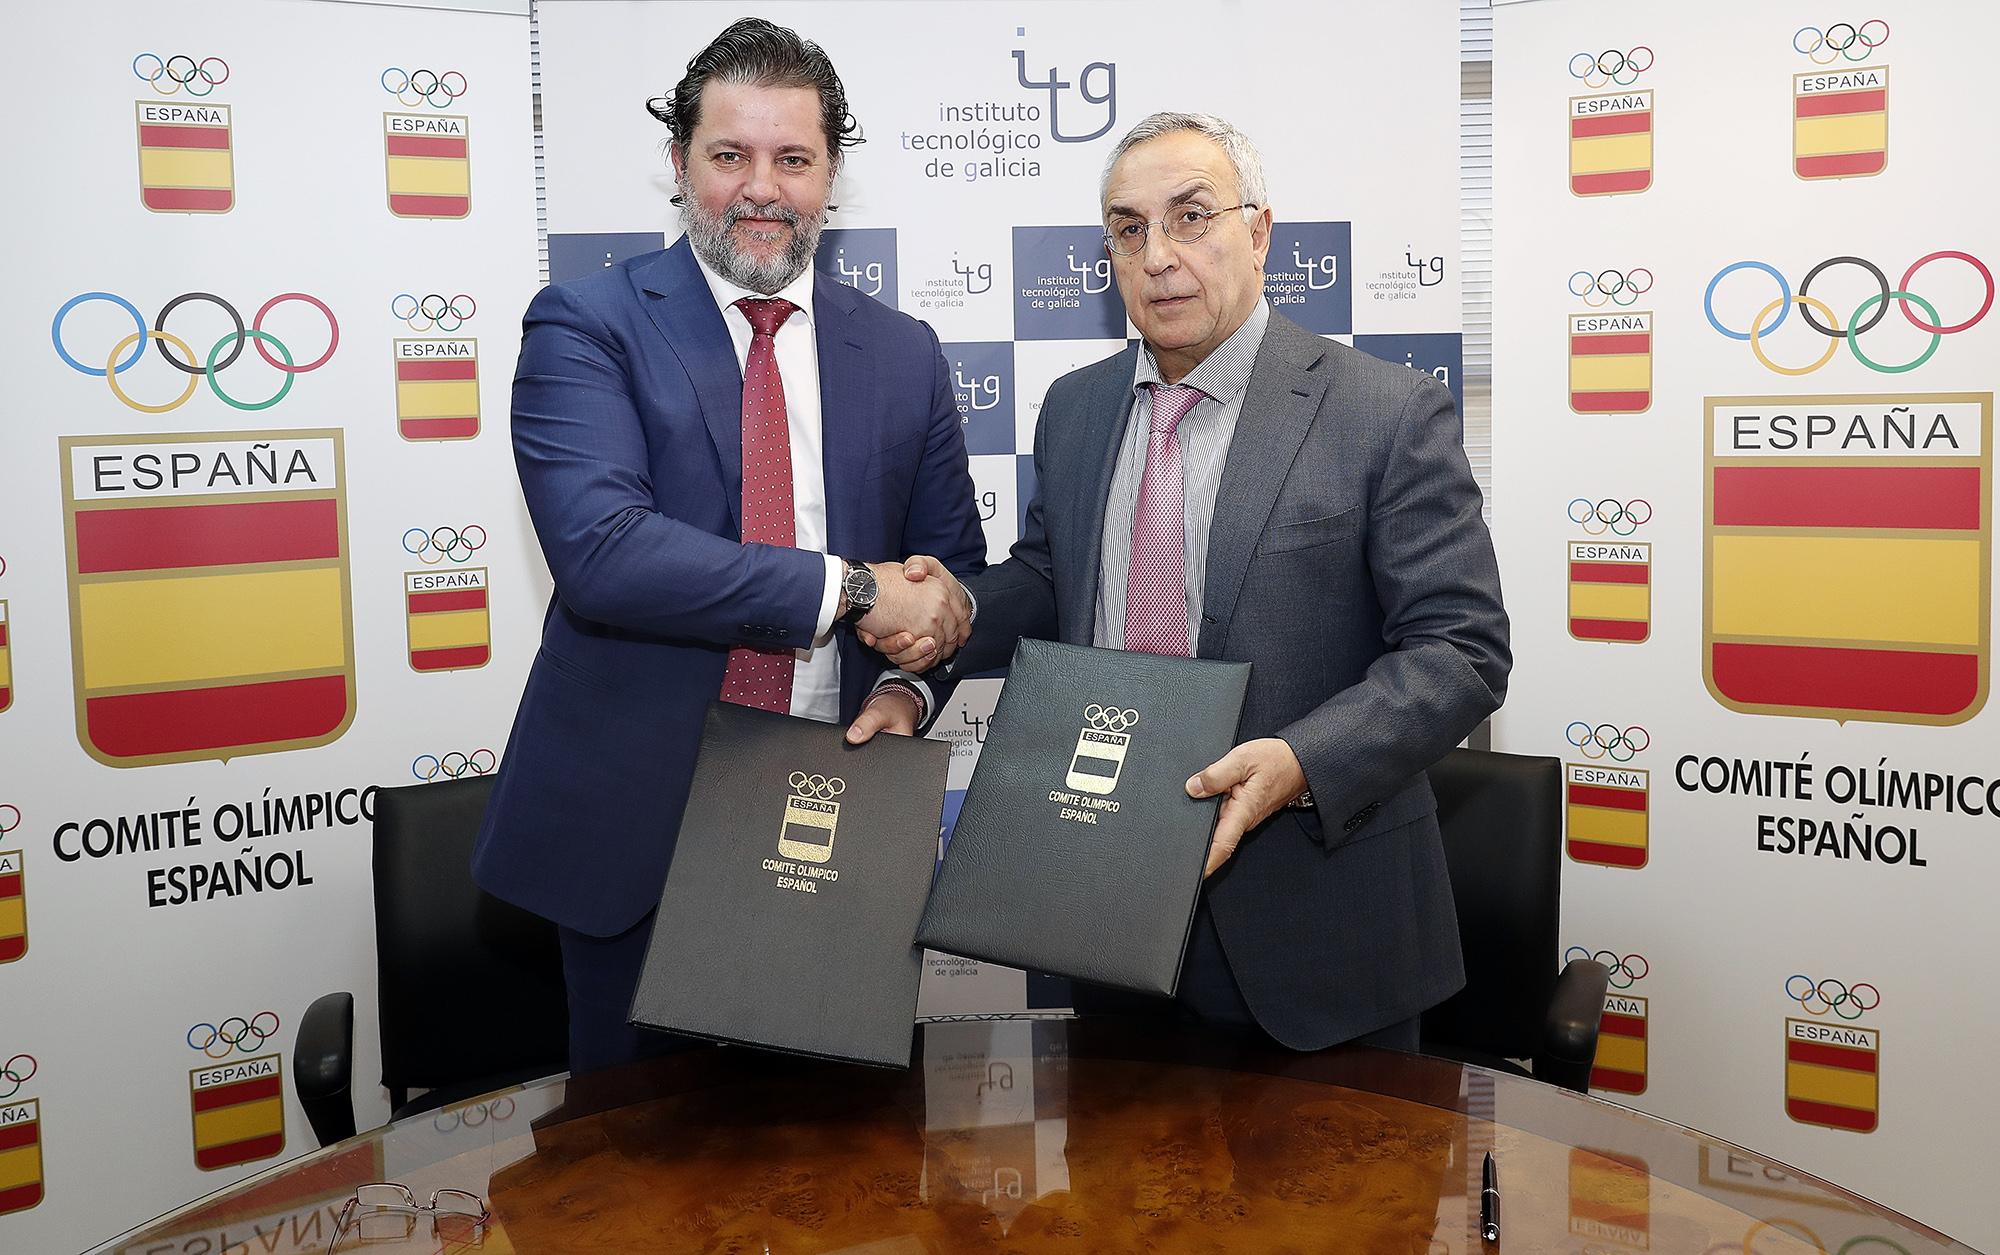 Convenio COE & Instituto Tecnologico Galicia prensa